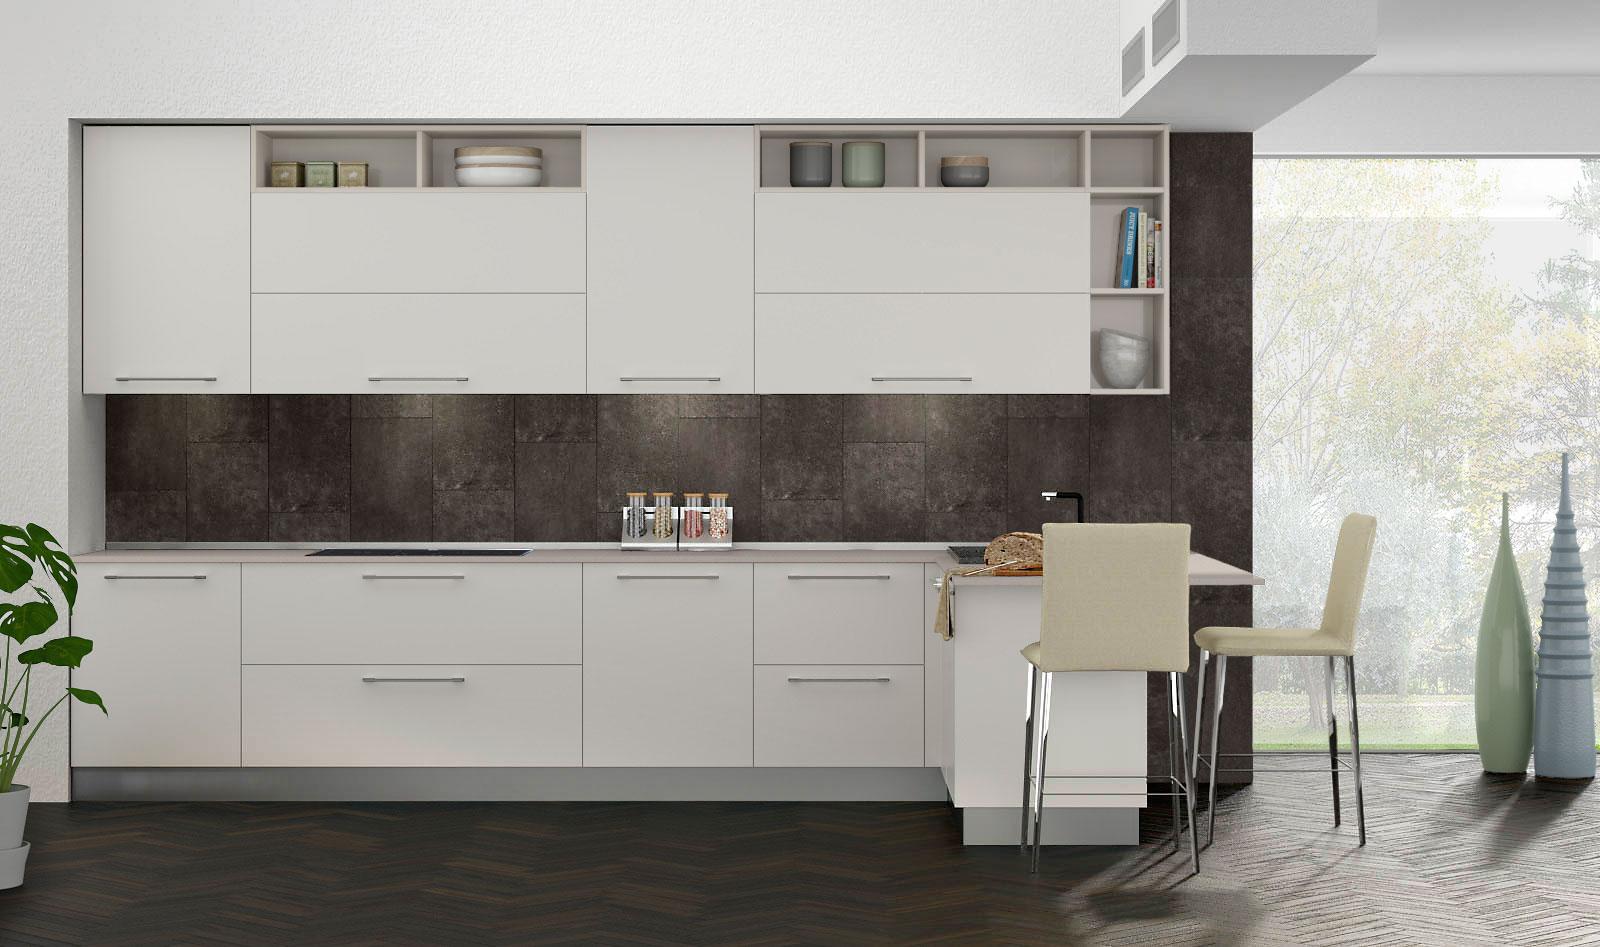 Cucine Moderne Da 3 Metri.Cucine Moderne Economiche Vega Diotti Com